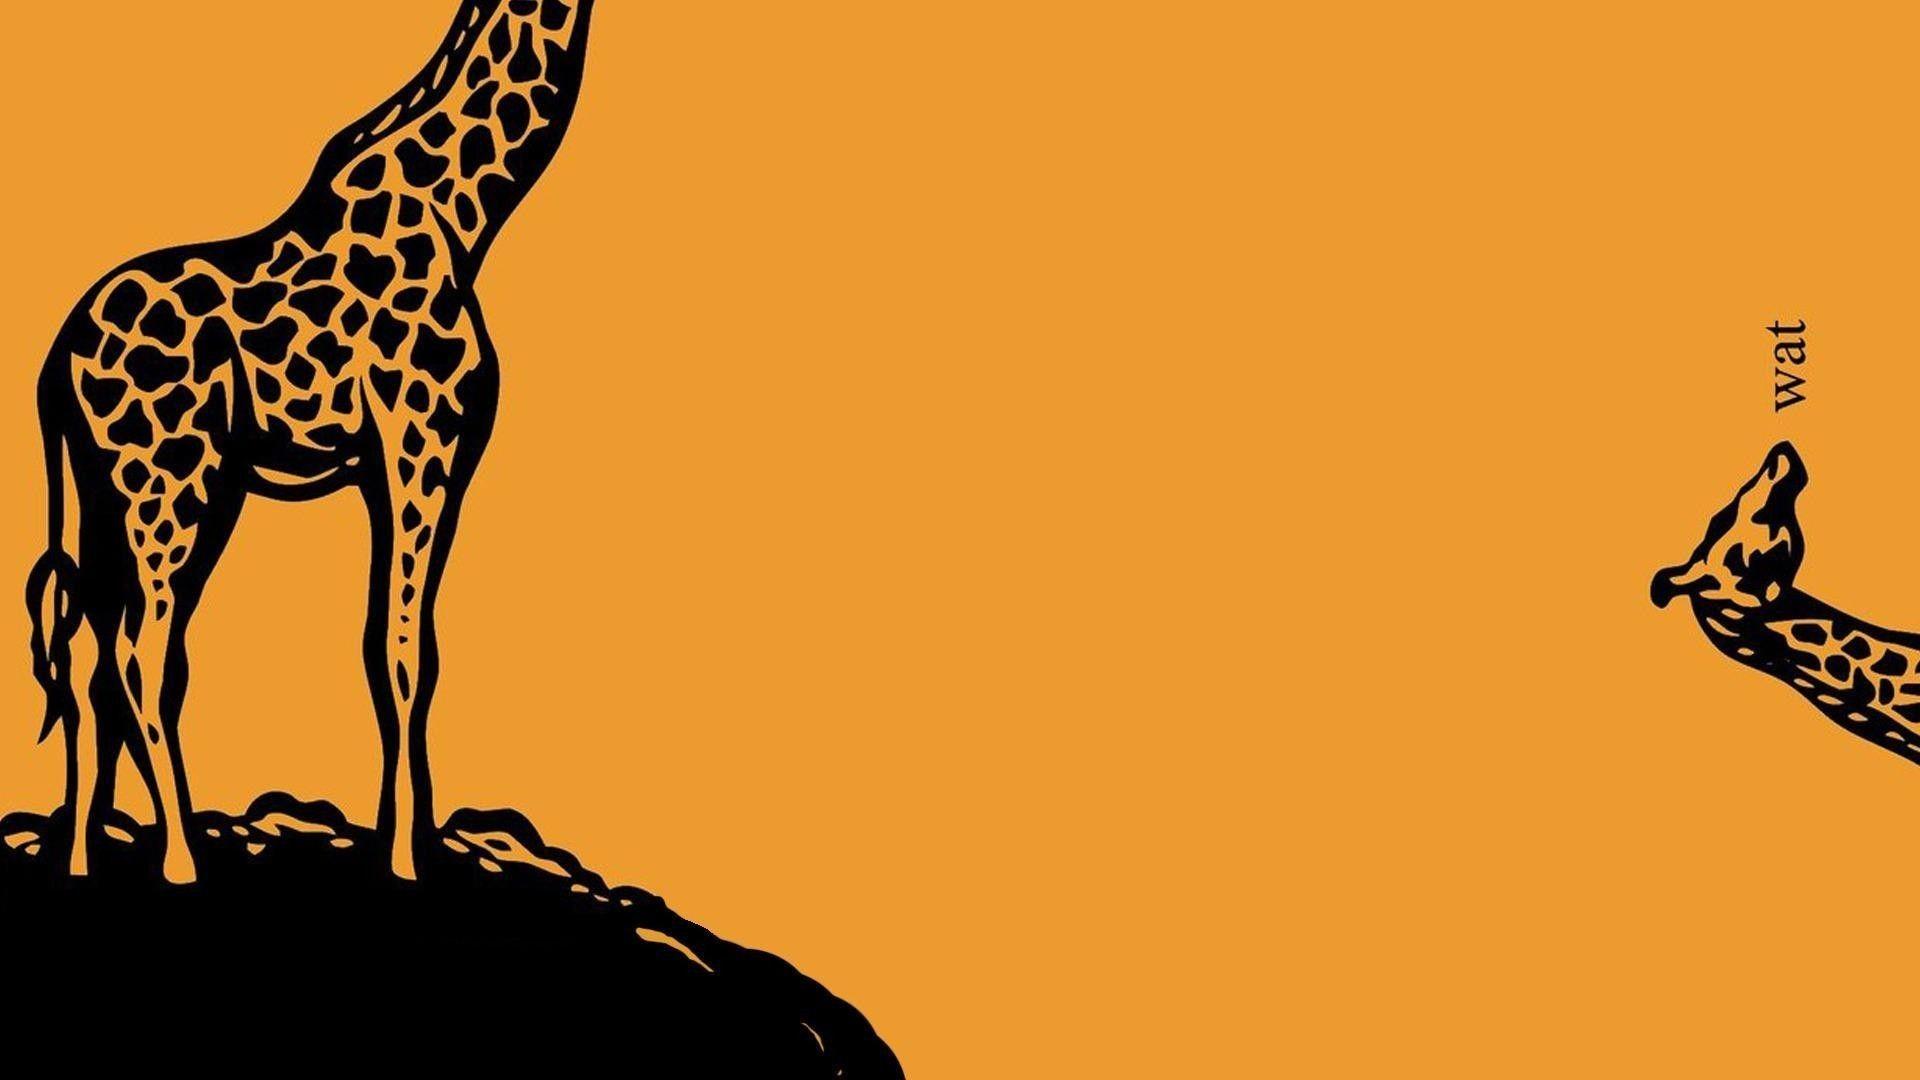 Giraffe Wallpaper Cartoon Made Me Laugh Pinterest Funny